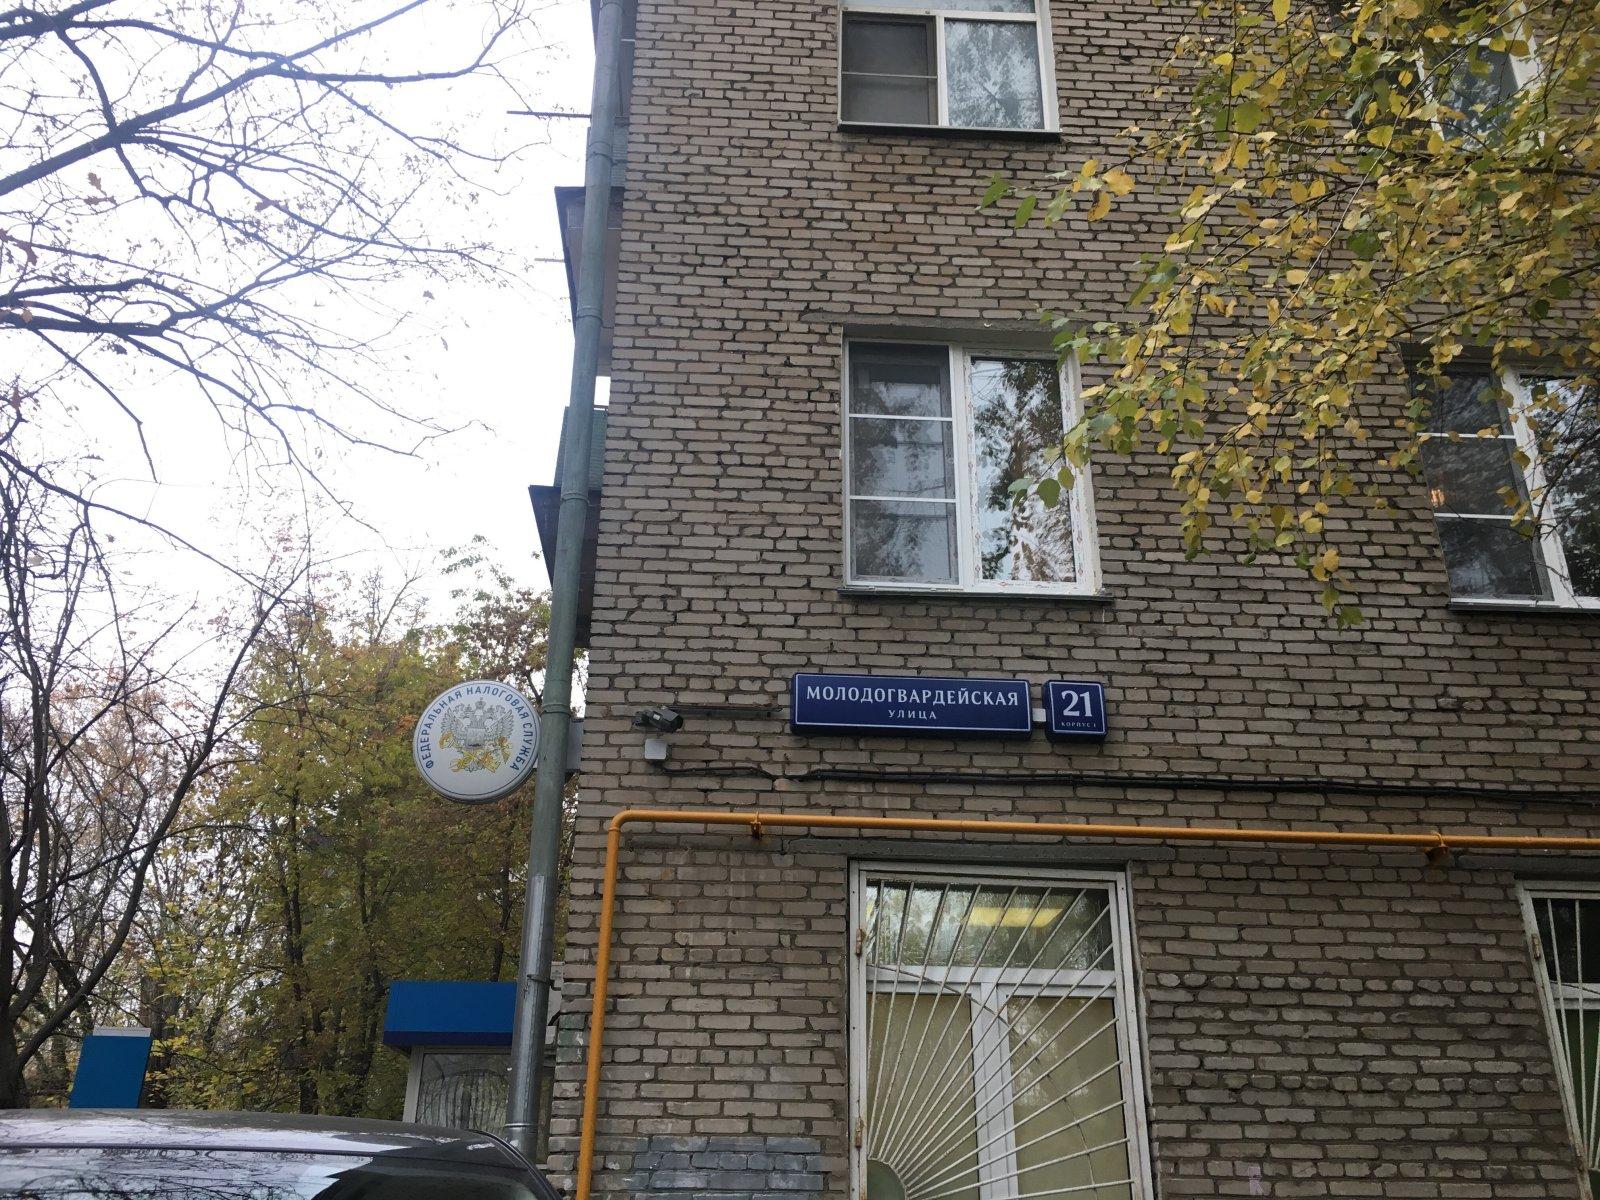 Инспекция Федеральной налоговой службы России №31 по Западному административному округу, Молодогвардейская, 21 к1 (1 этаж)